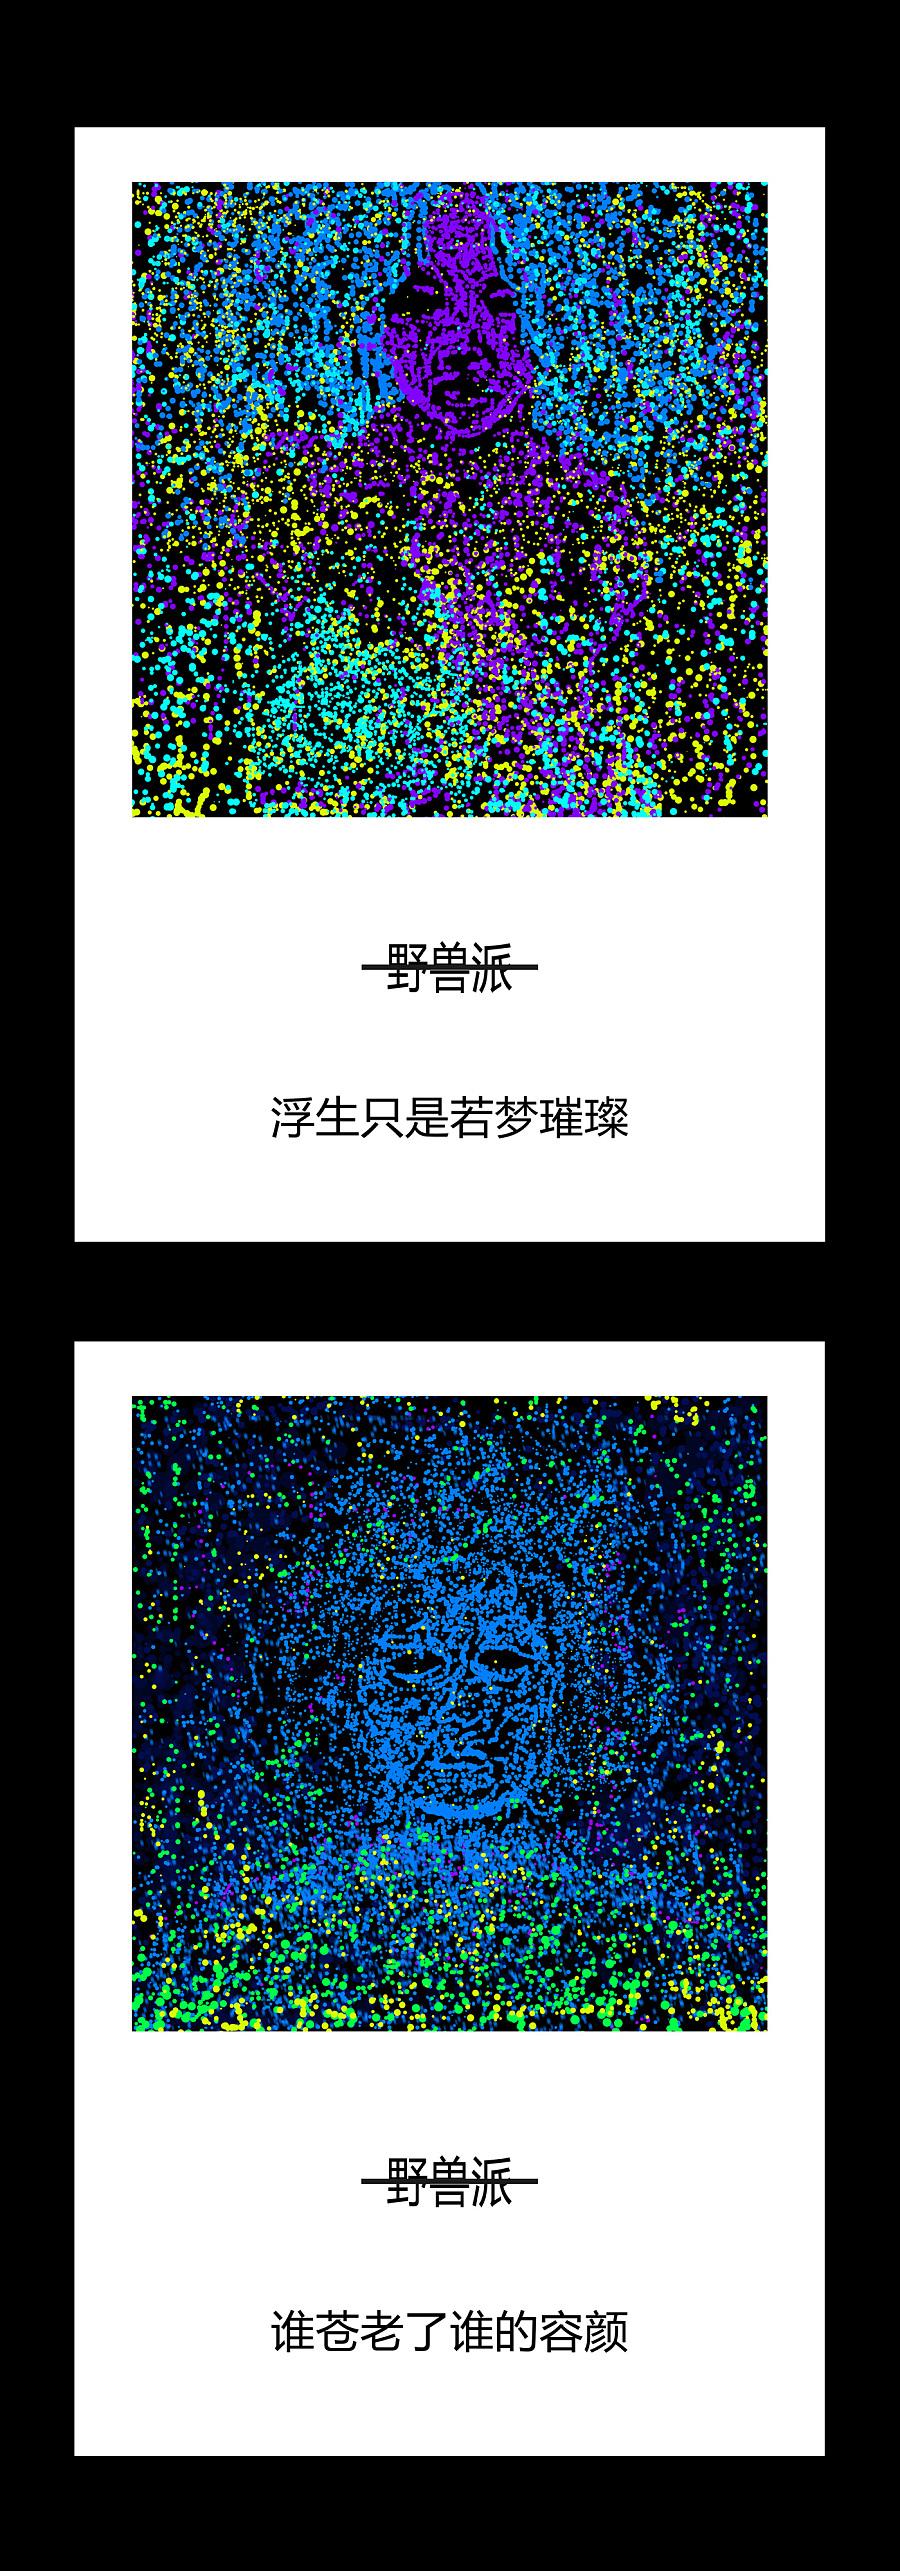 查看《2016 UI(psd分享)》原图,原图尺寸:1400x4000